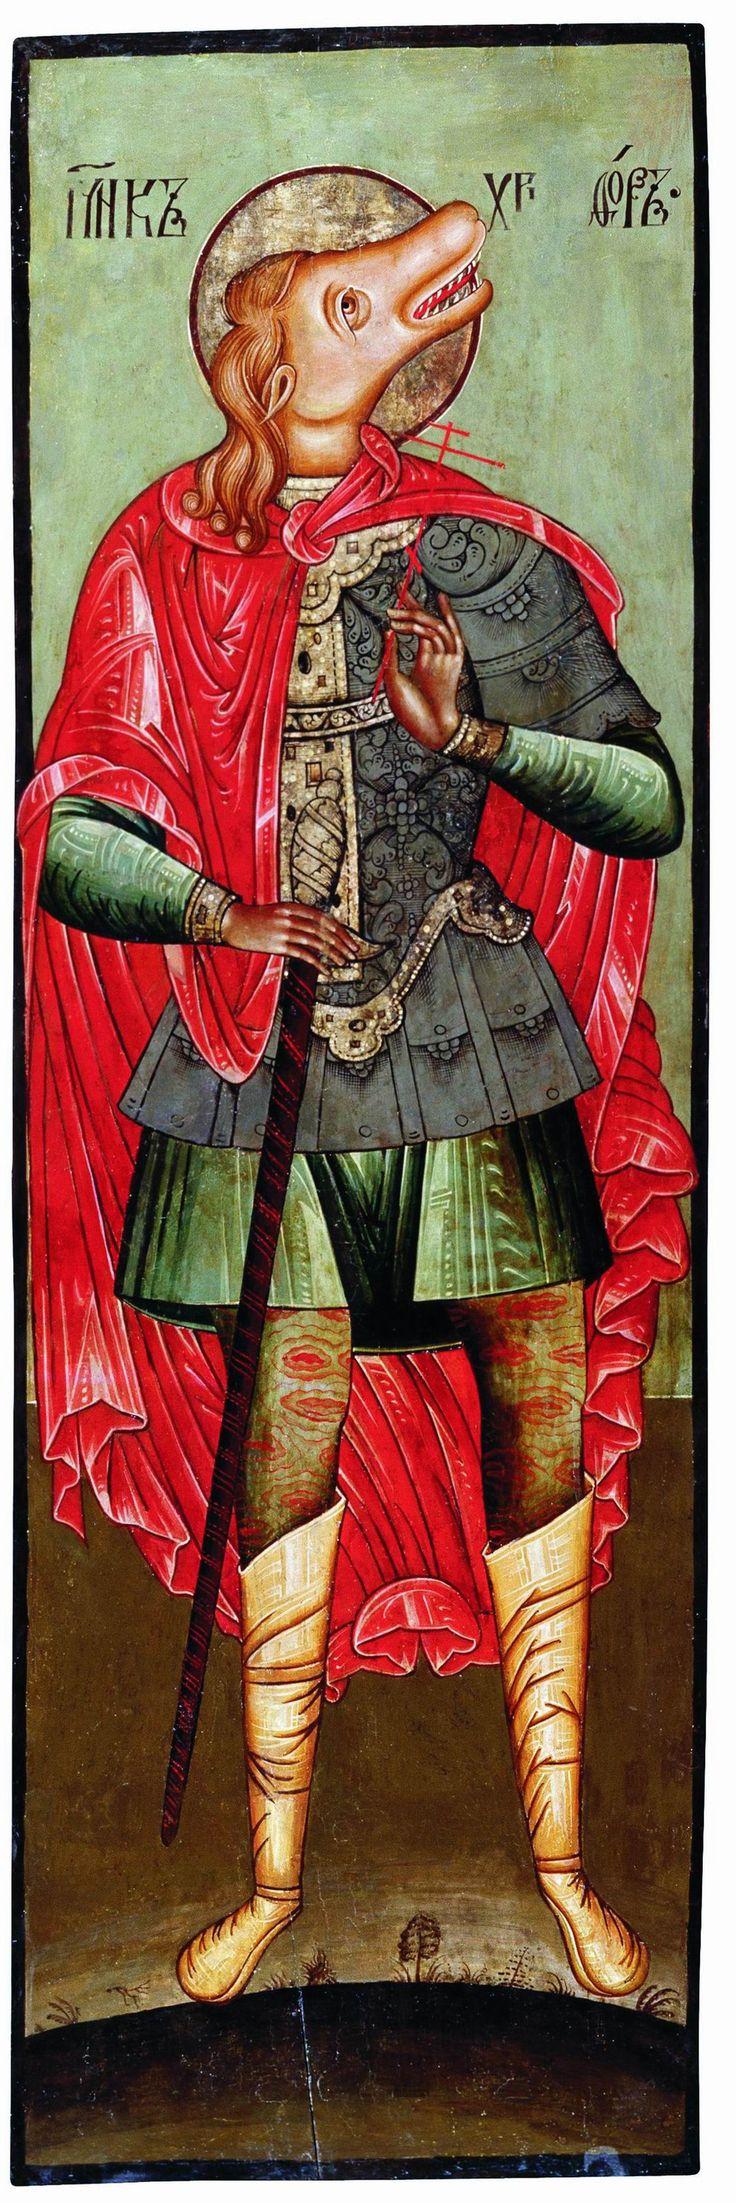 Великомученик Христофор, Святой Христофор, самый необычный христианский святой